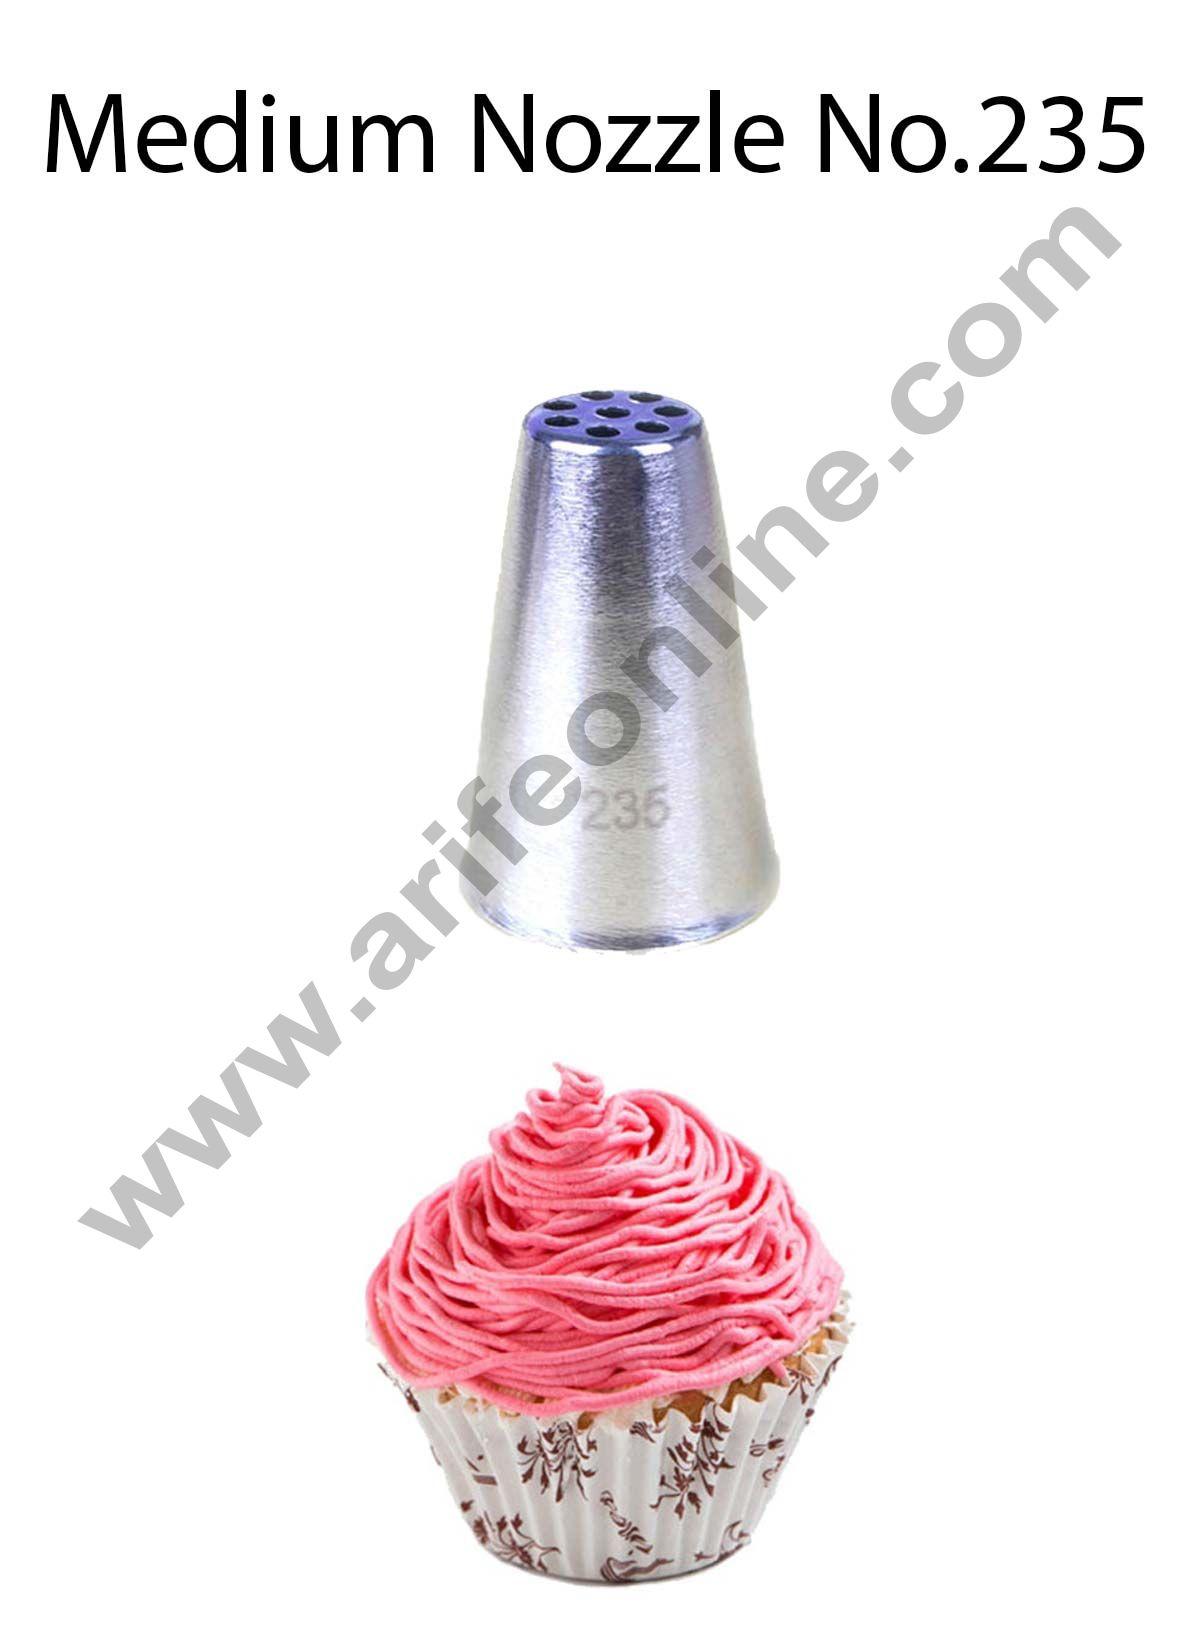 Cake Decor Medium Nozzle - No. 235 Small Plain Grass Piping Nozzle